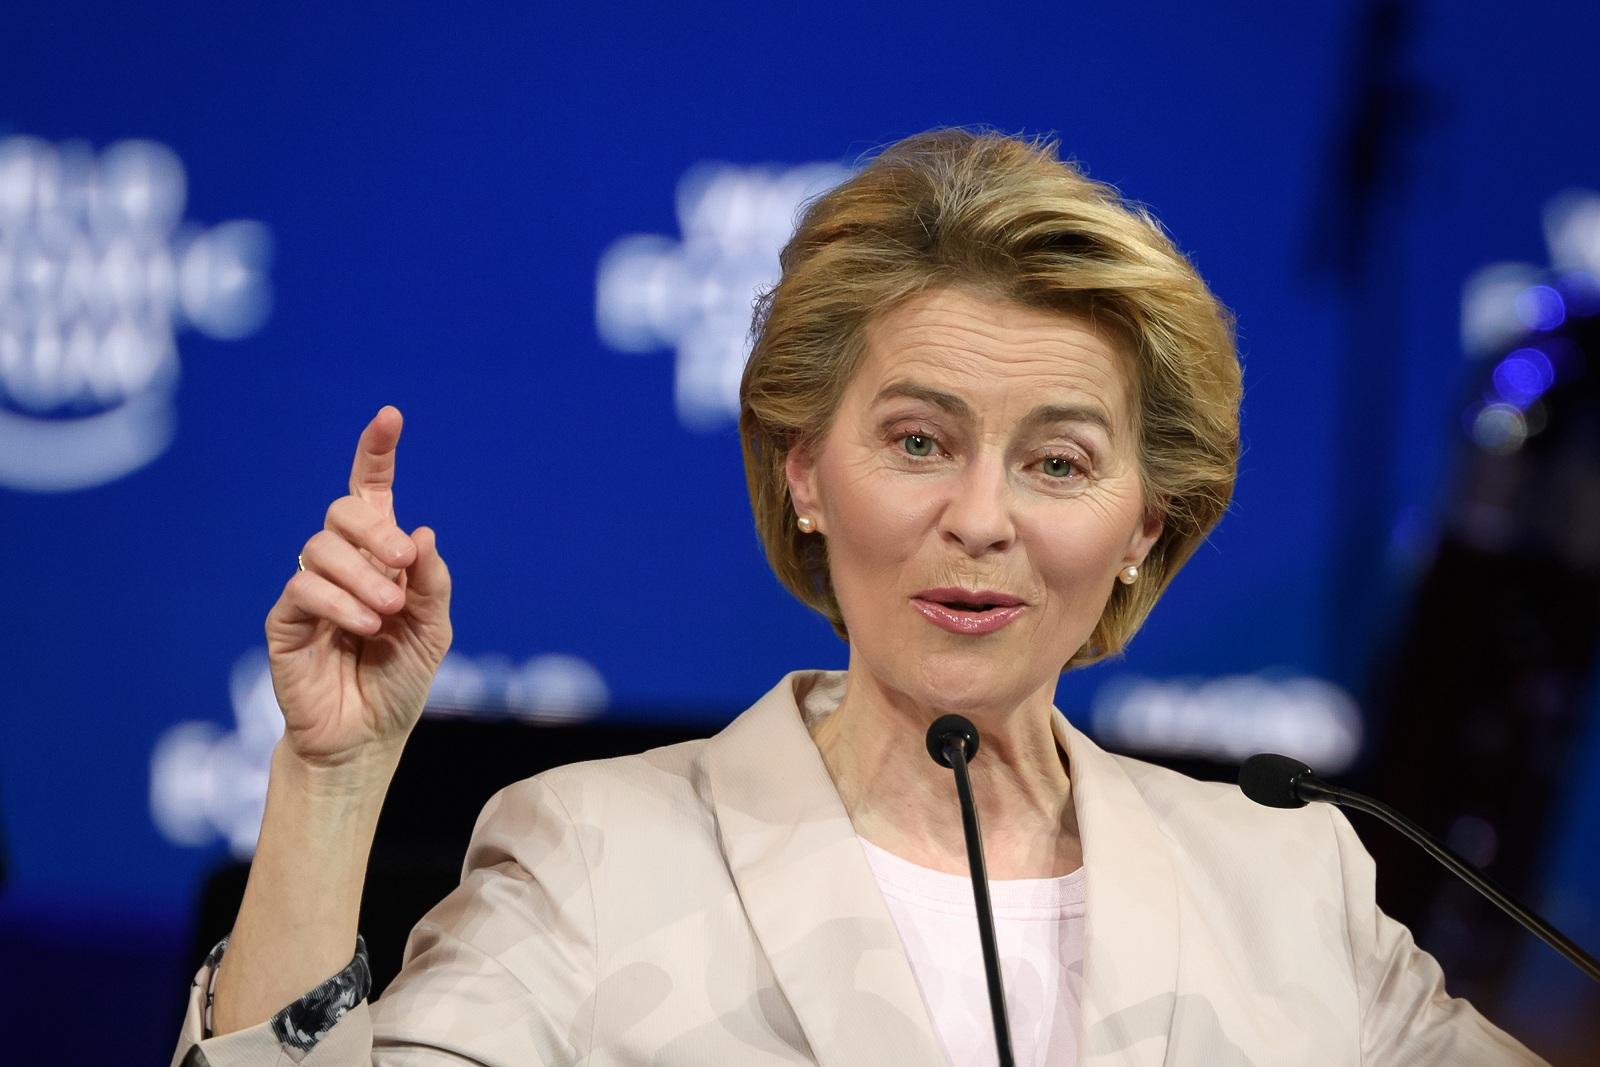 Komisioni Evropian/ Sipas skemes gjermane, ja si duhet te punohet per te ndihmuar kompanite per pagimin e pagave te punonjesve